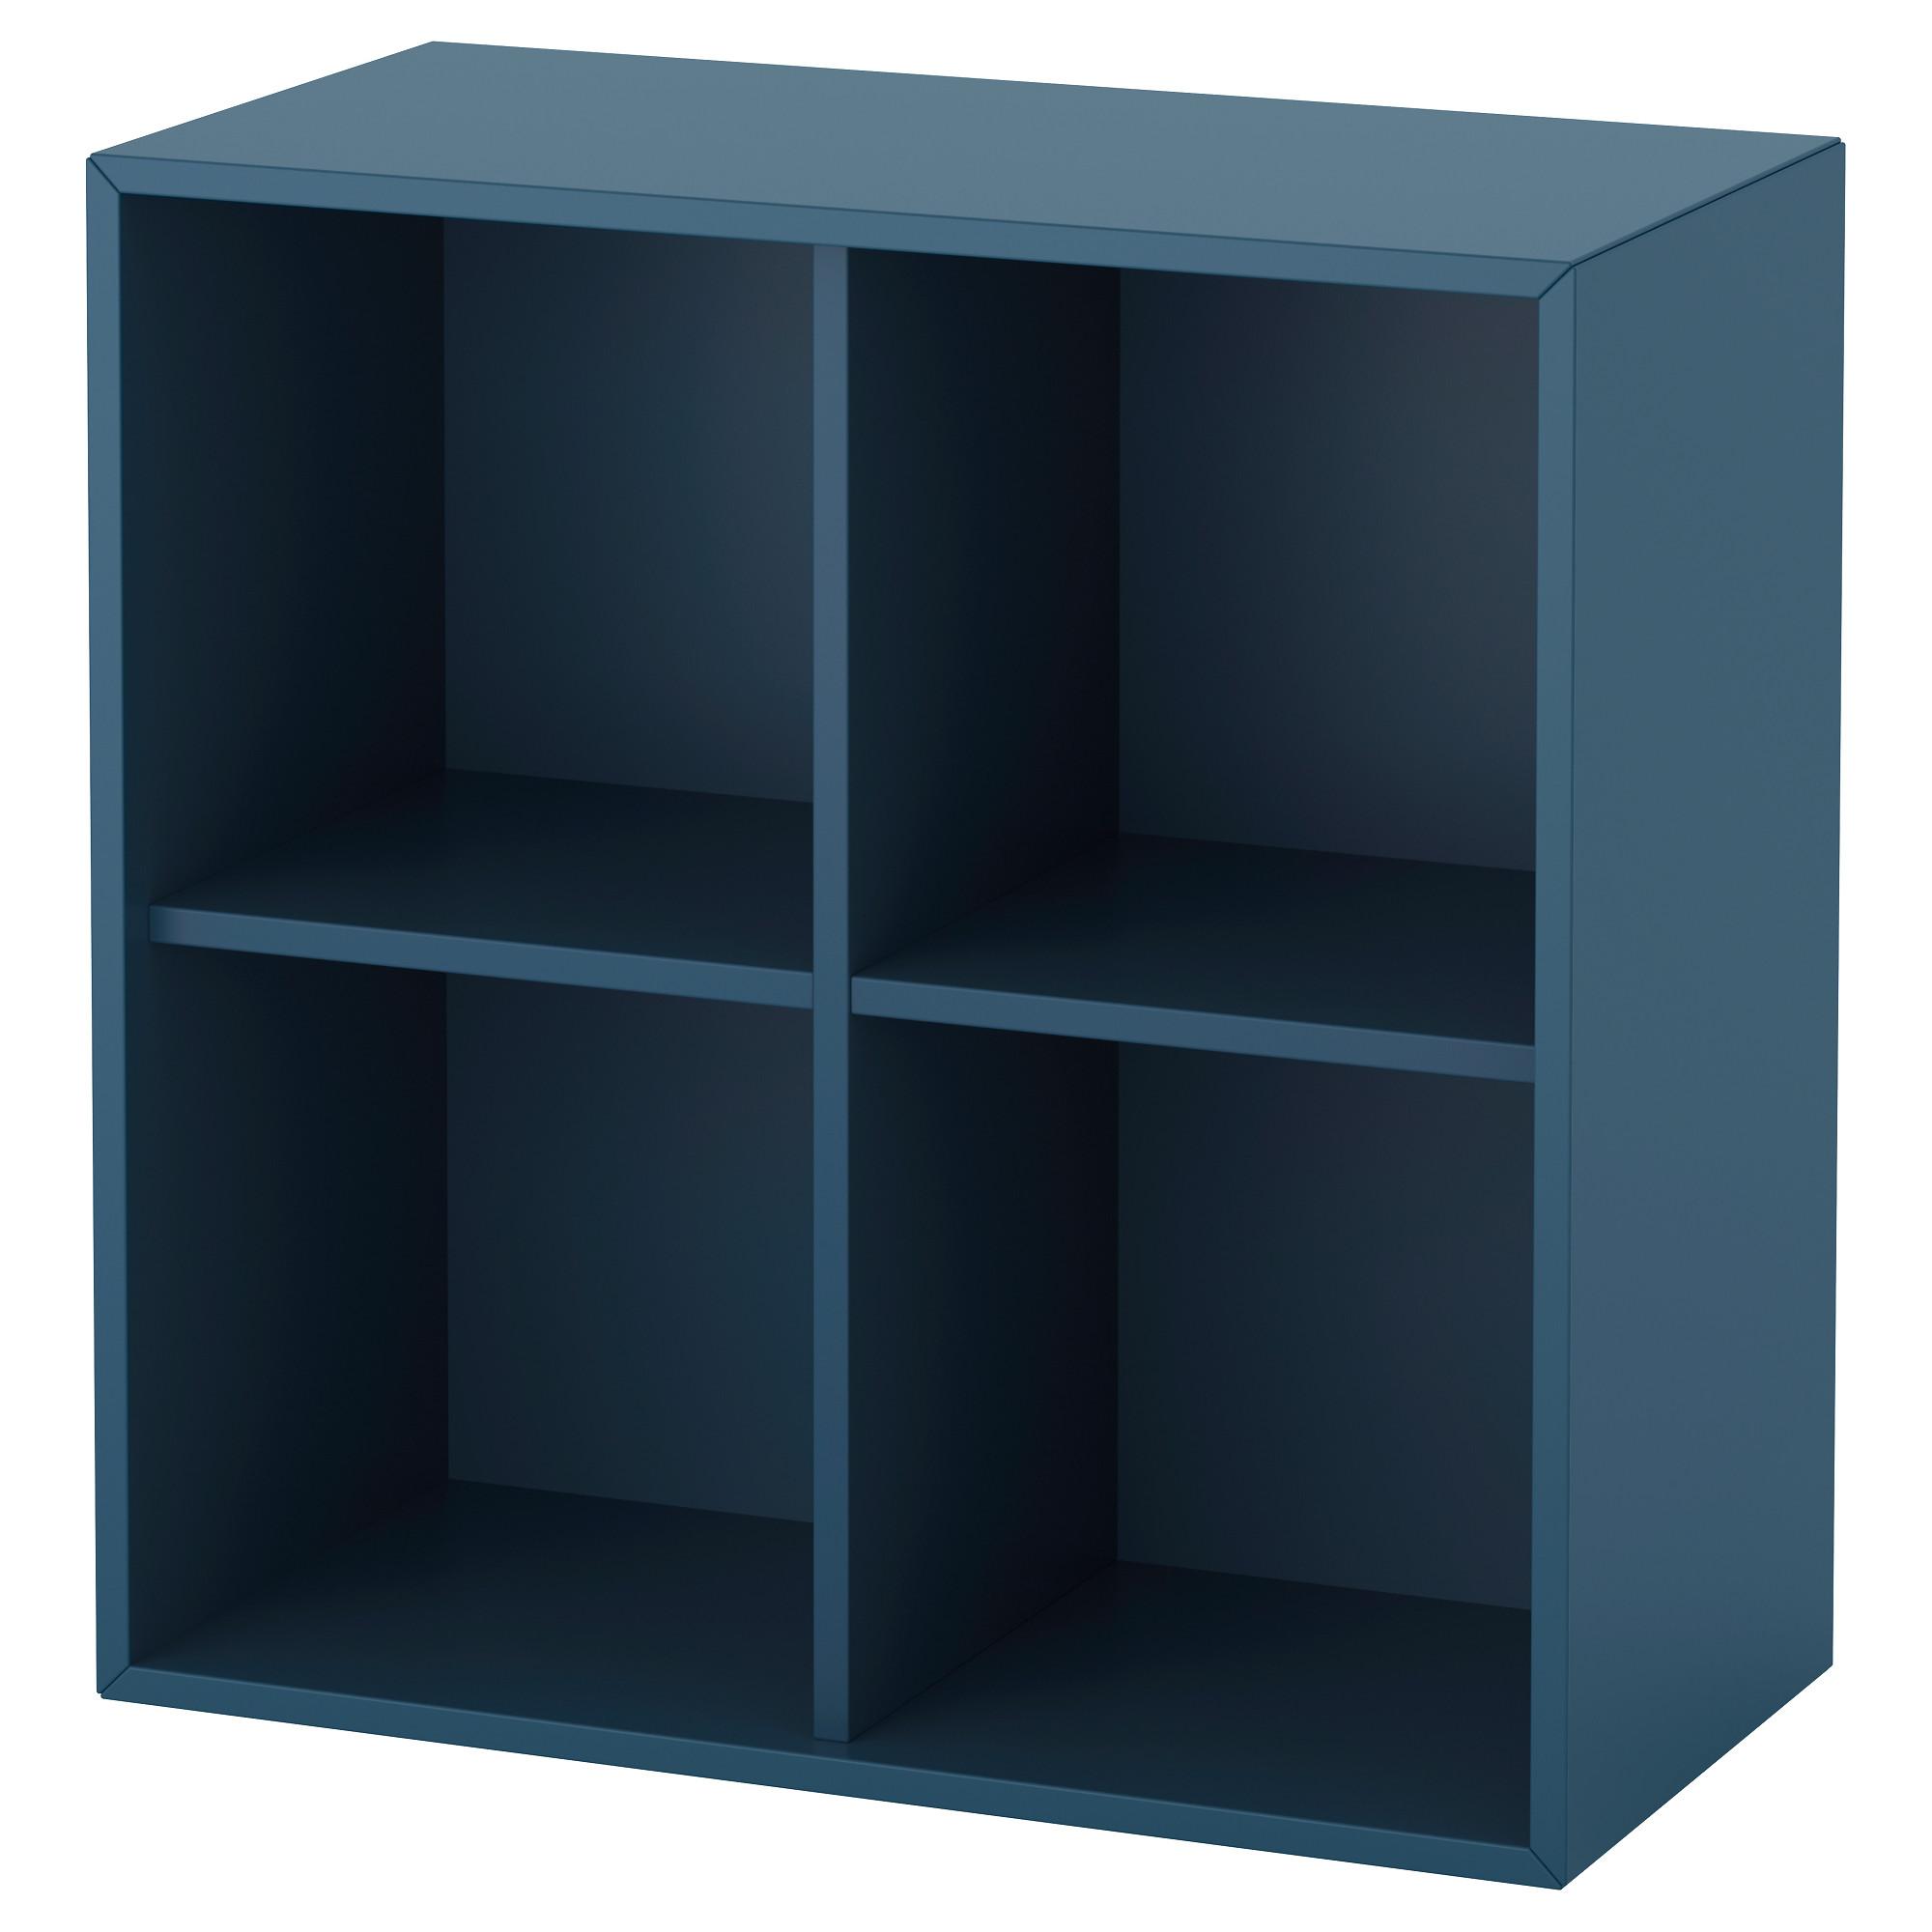 Навесной модуль с 4 отделениями ЭКЕТ темно-синий артикуль № 092.858.62 в наличии. Интернет сайт ИКЕА РБ. Быстрая доставка и соборка.